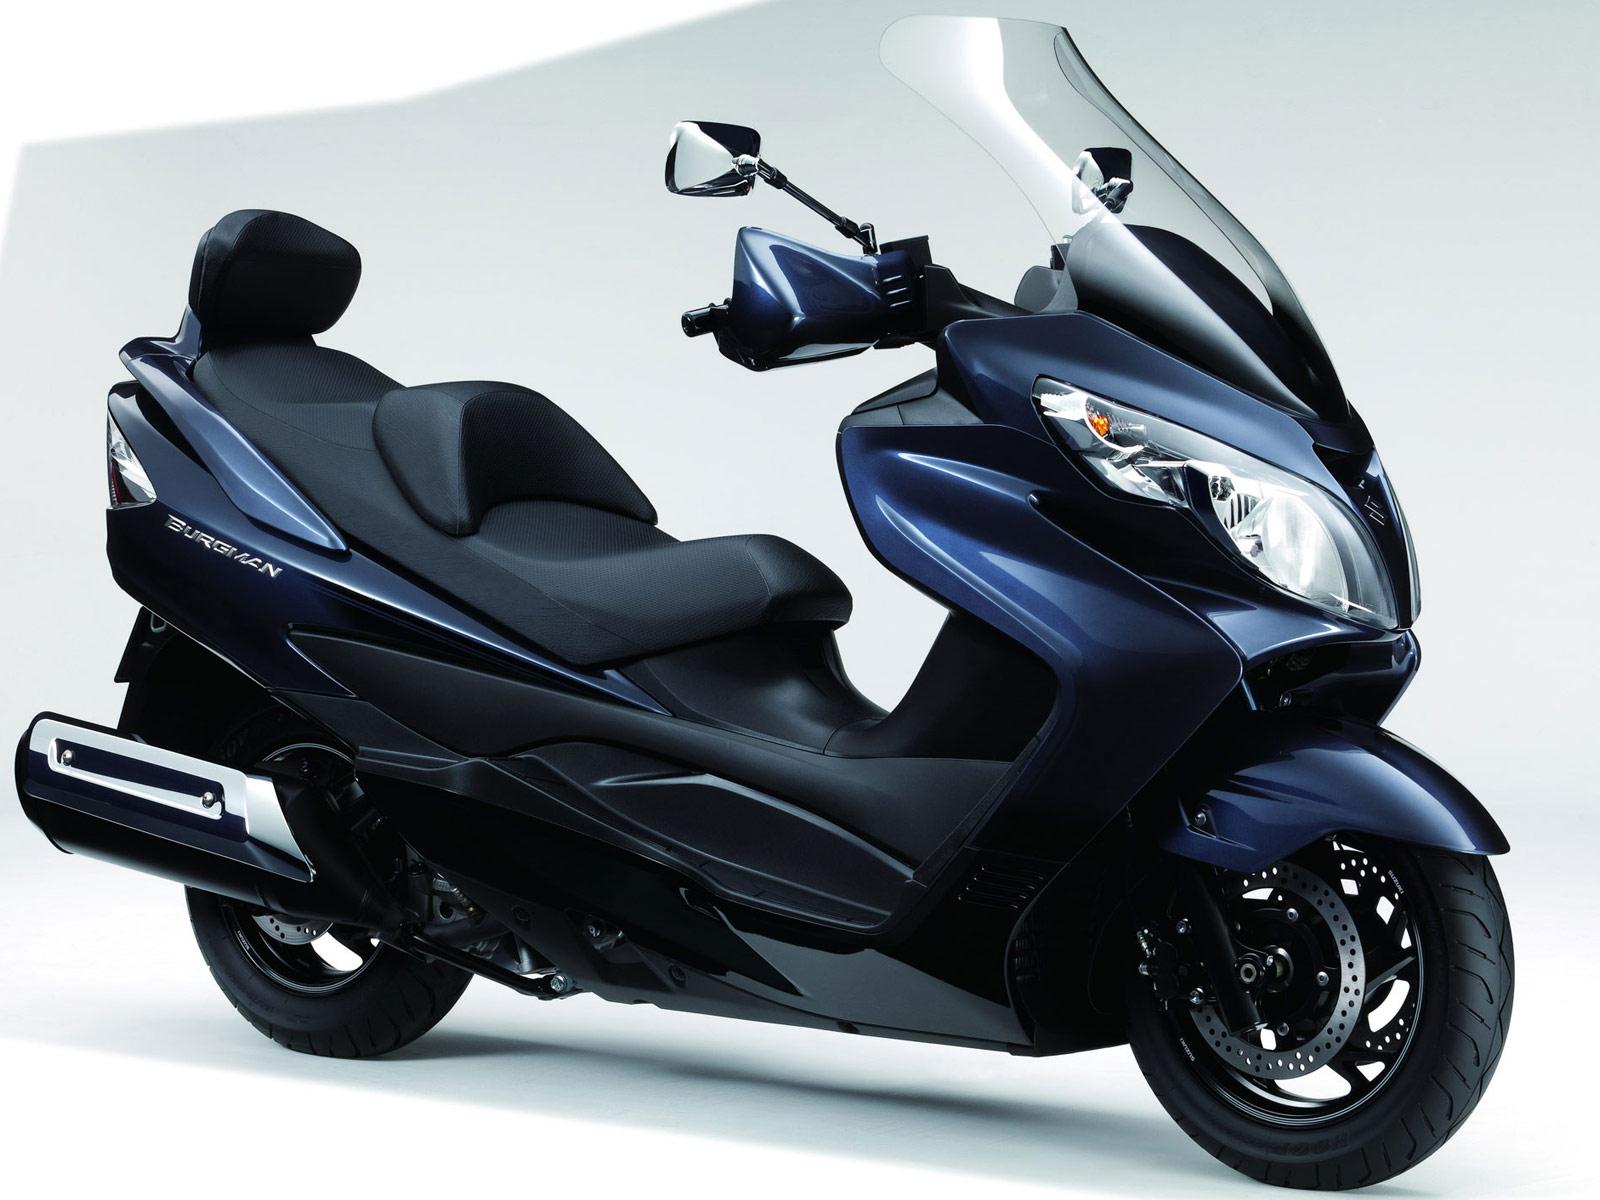 Suzuki burgman 400 review uk dating 6